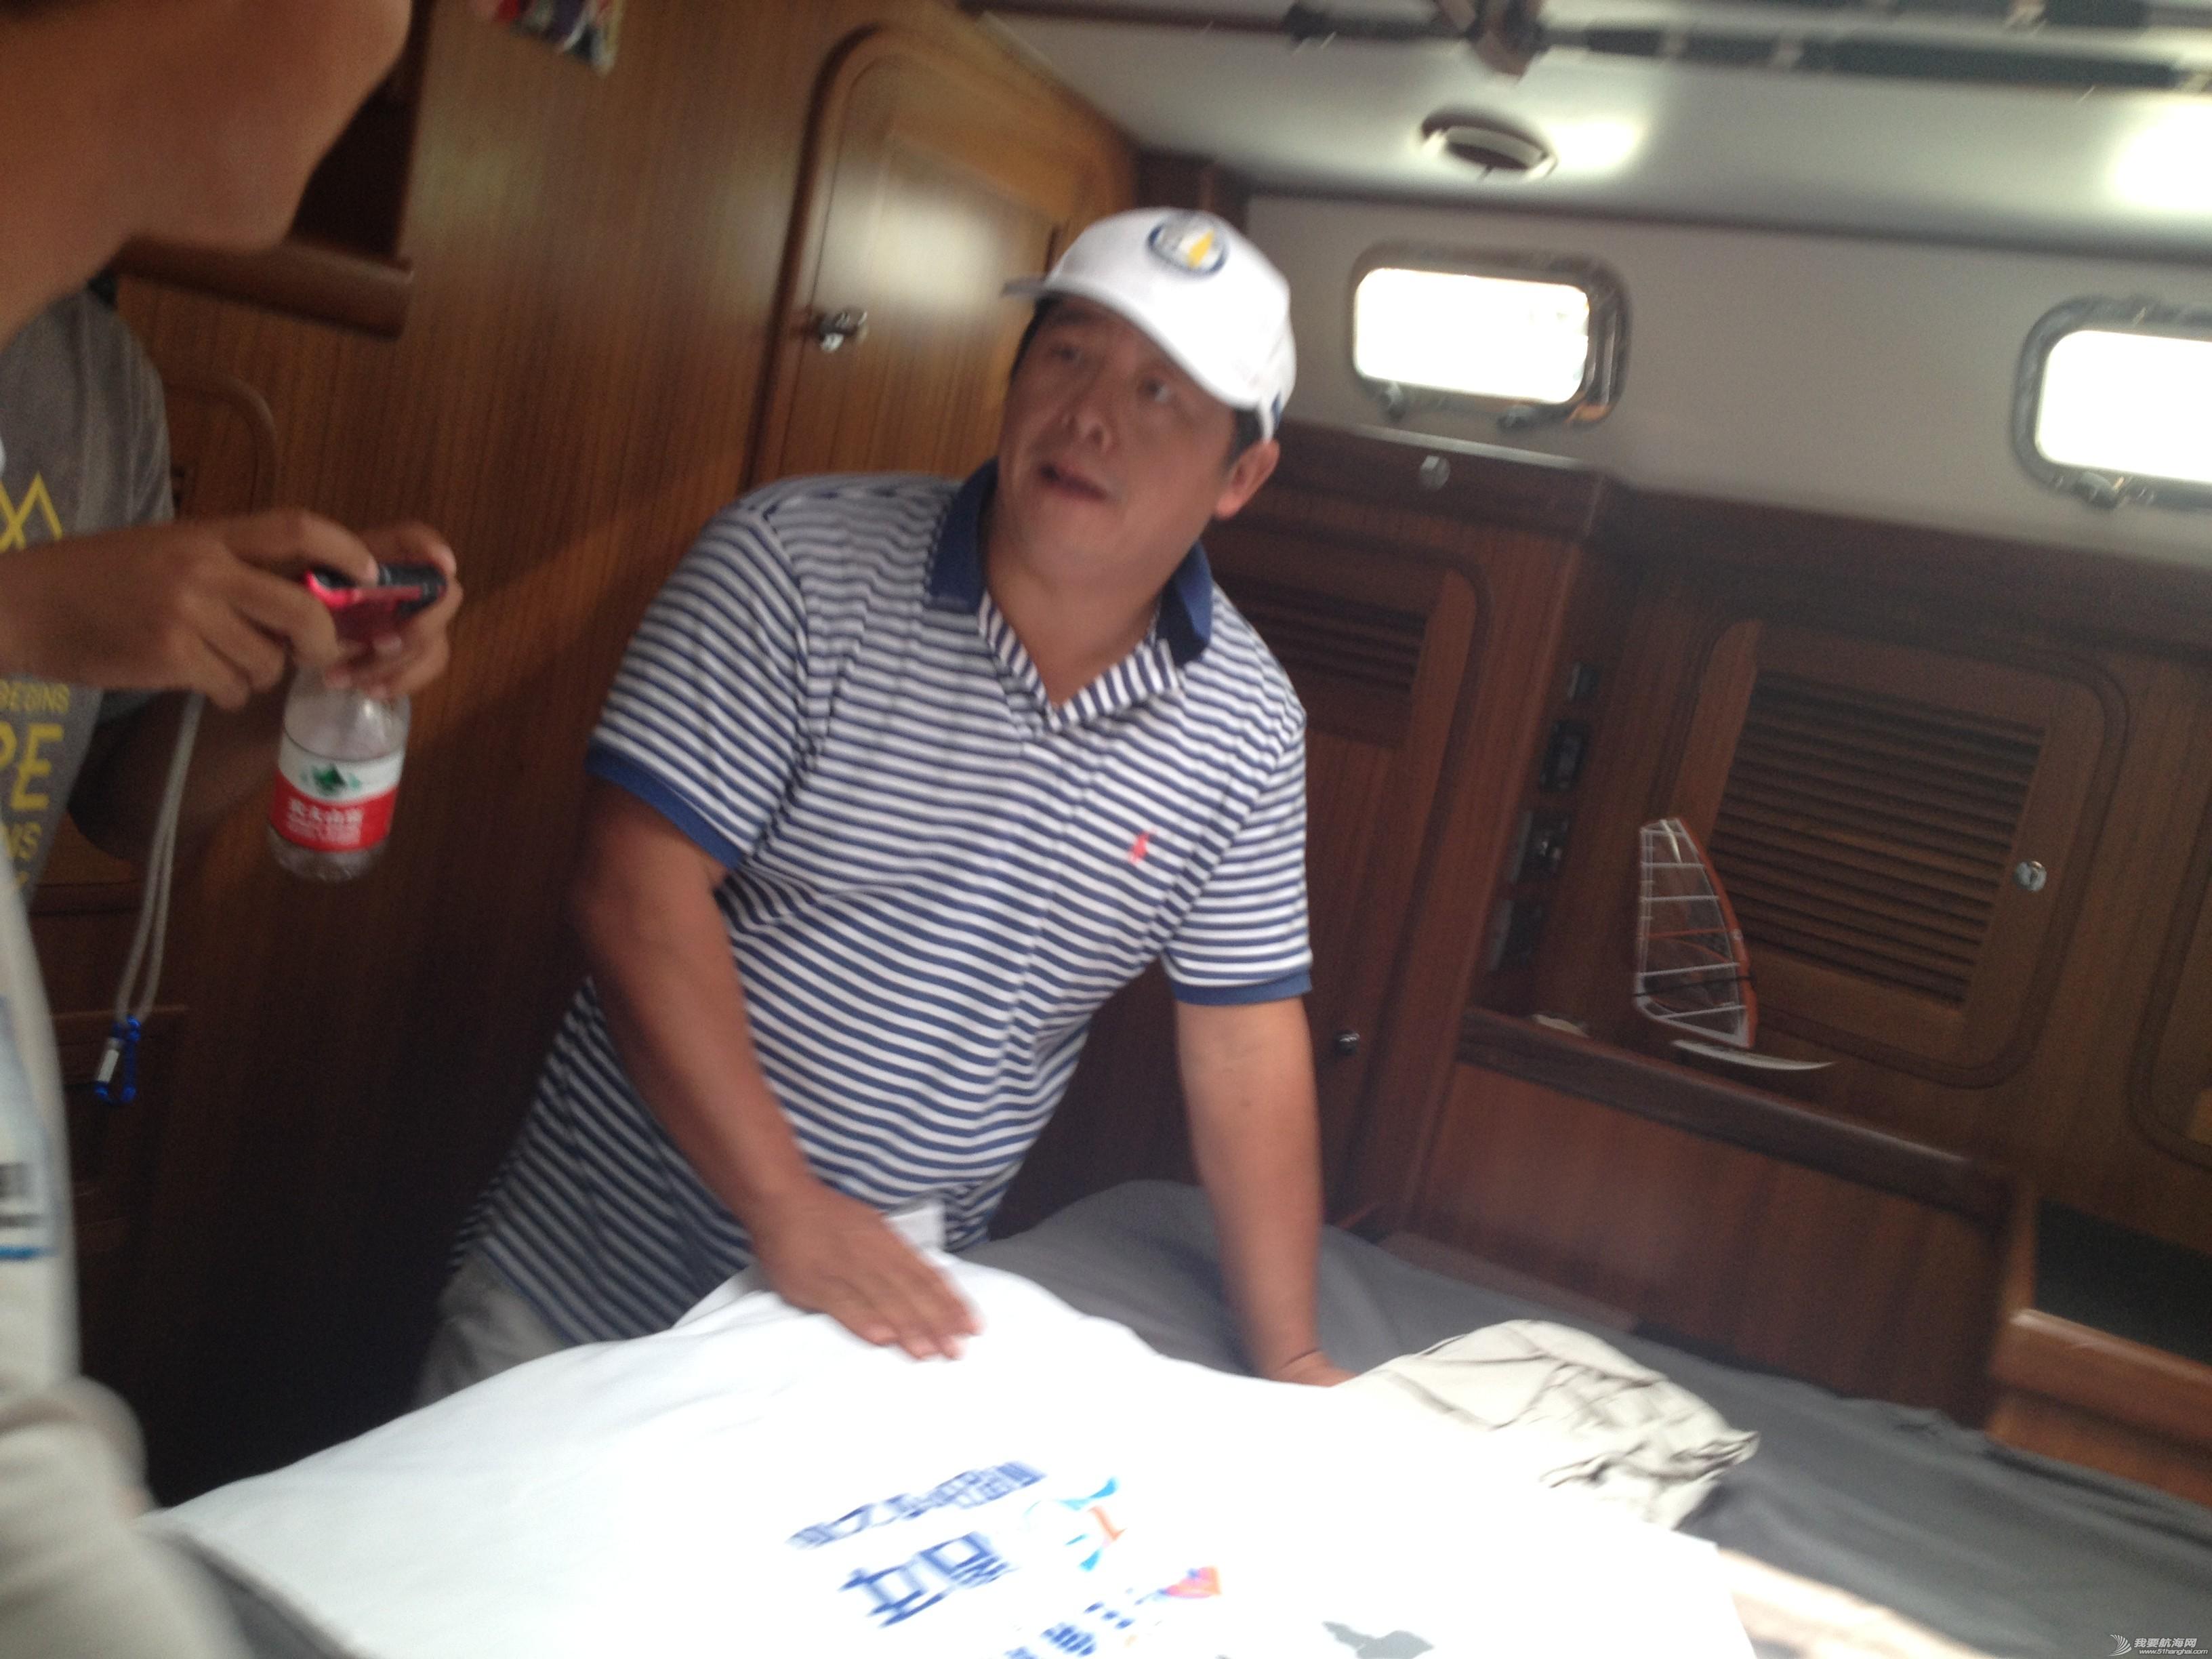 薛家平拜访7月即将开始环球航行的高民船长并交流航海路线 IMG_5088.JPG